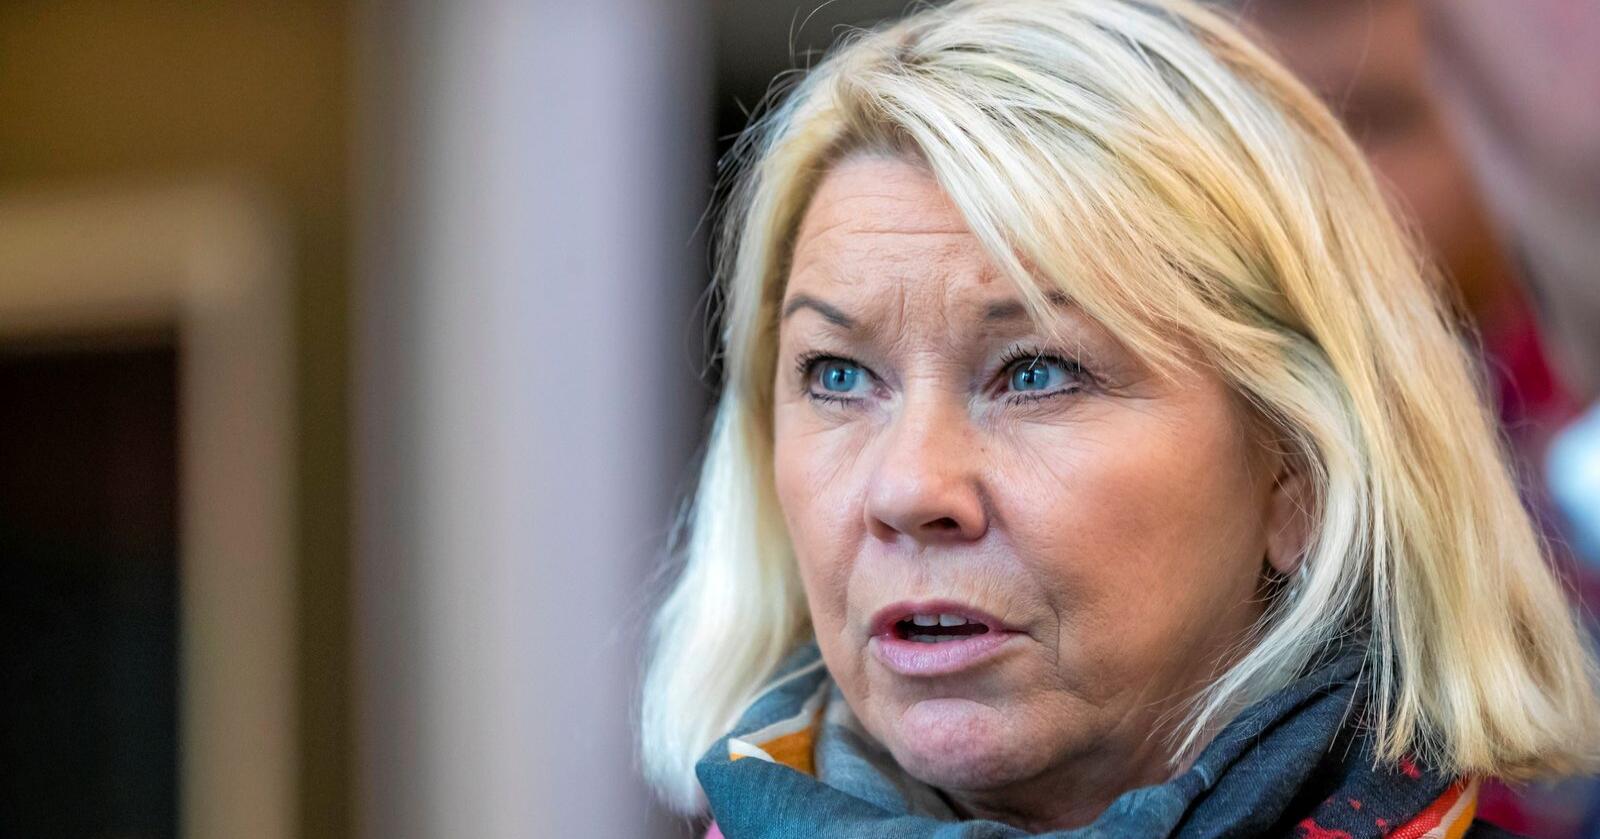 Justisminister Monica Mæland (H) går inn for deler av forslaget til Domstolskommisjonen. Foto: Håkon Mosvold Larsen / NTB scanpix